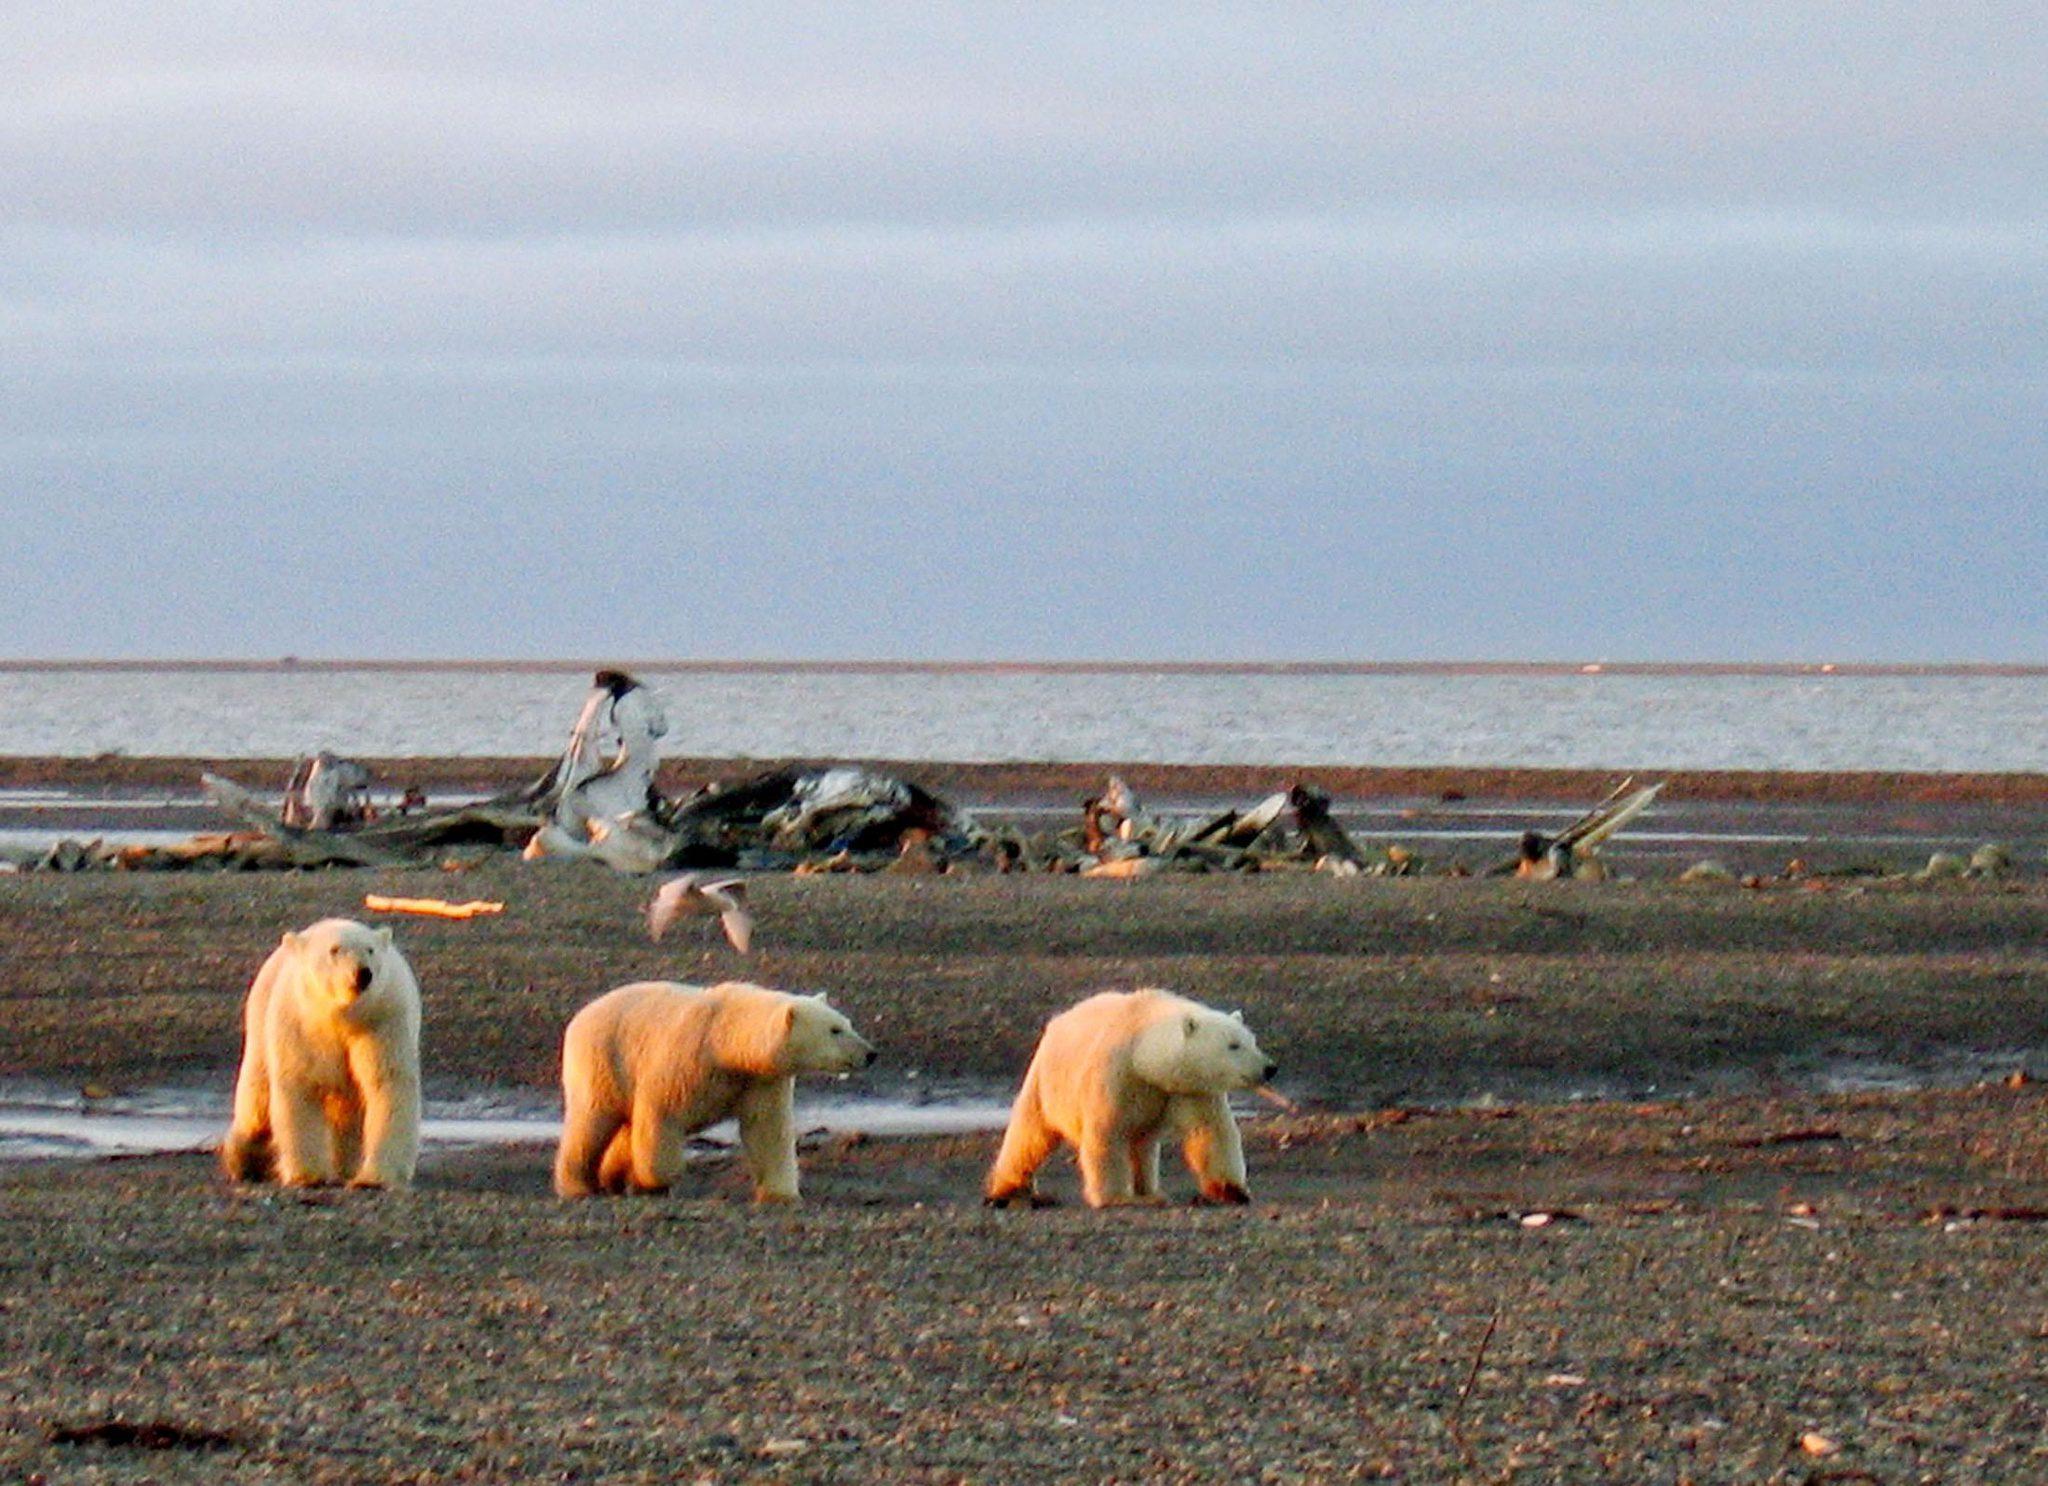 EU muốn cấm khai thác dầu khí, than ở Bắc Cực - ảnh 1